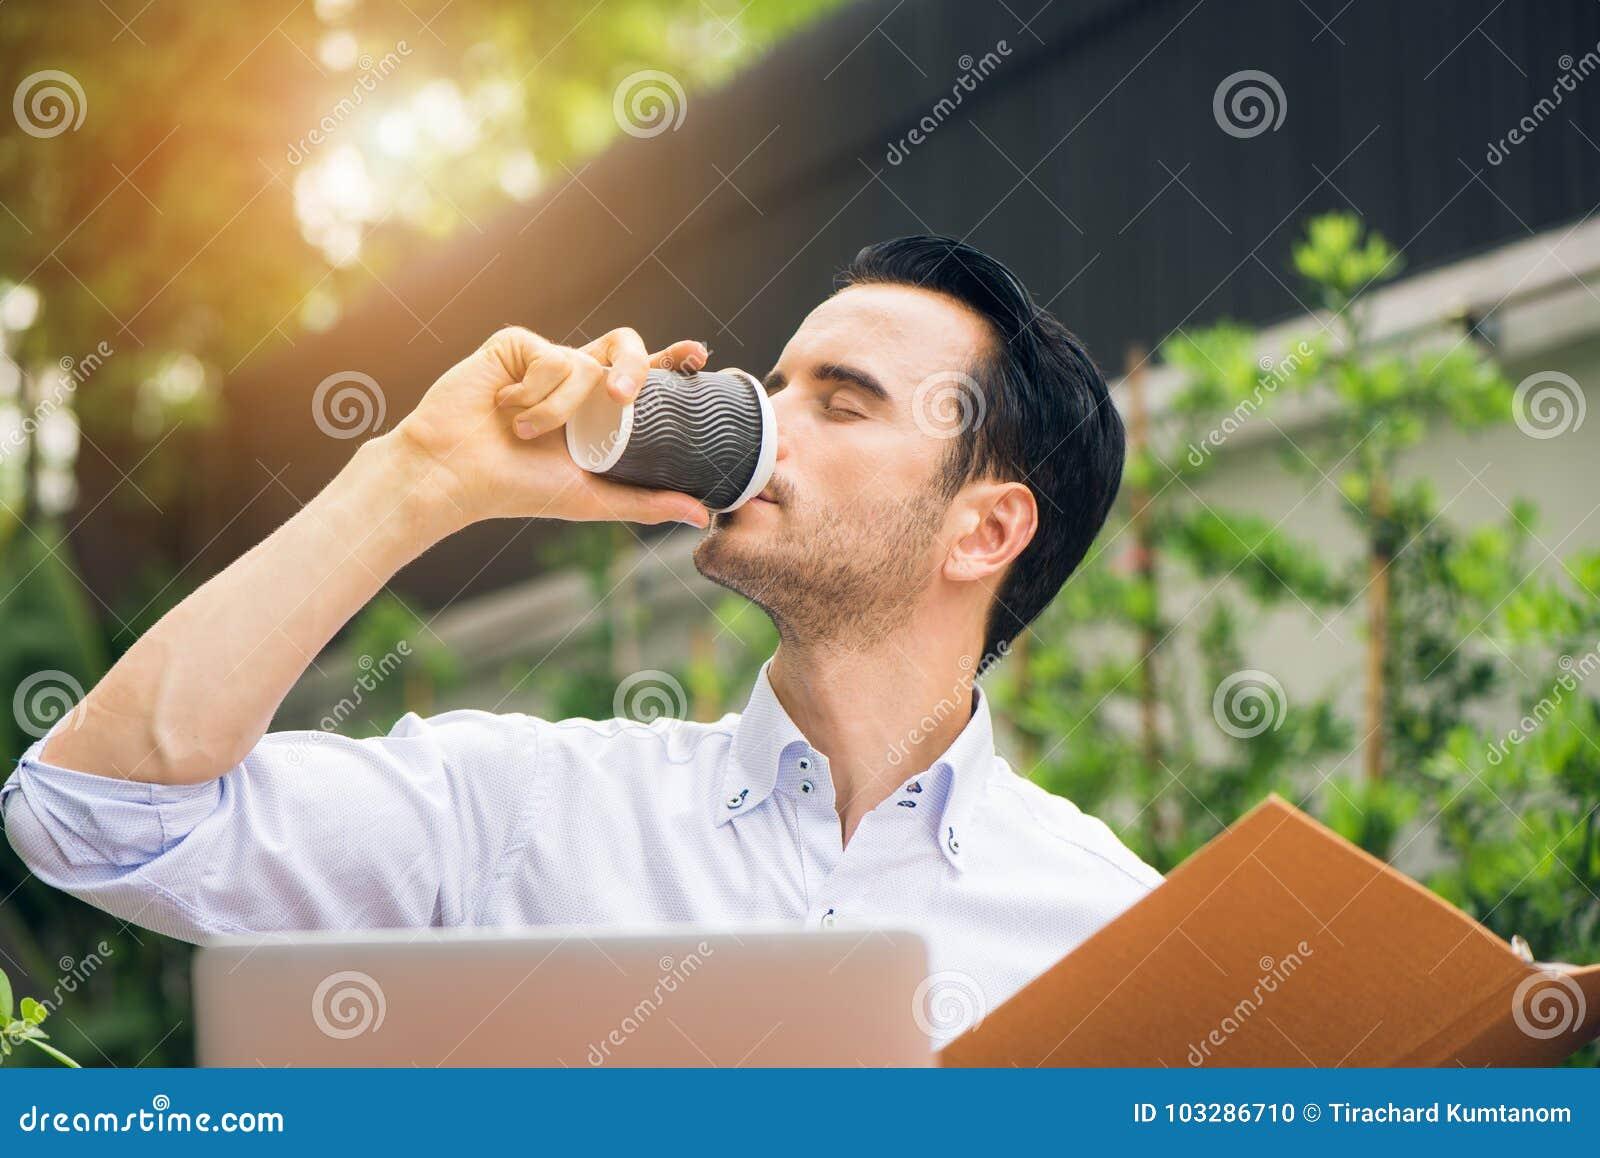 Take Break Coffeebreak : Portrait of handsome successful man drink coffee happy man take